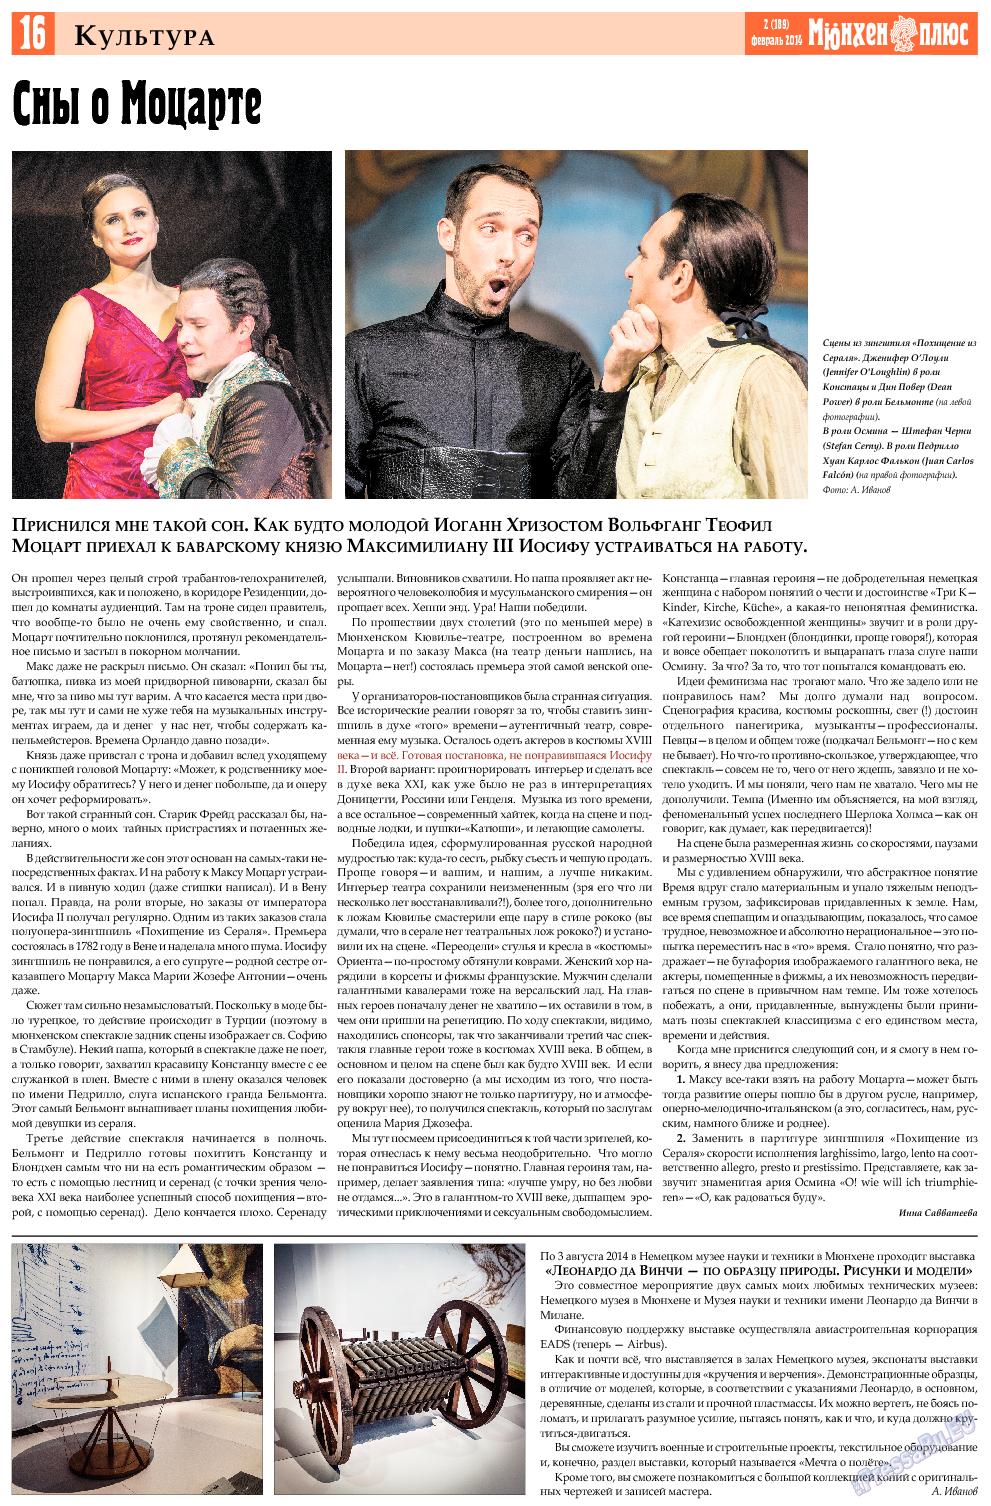 Германия плюс (газета). 2014 год, номер 2, стр. 16